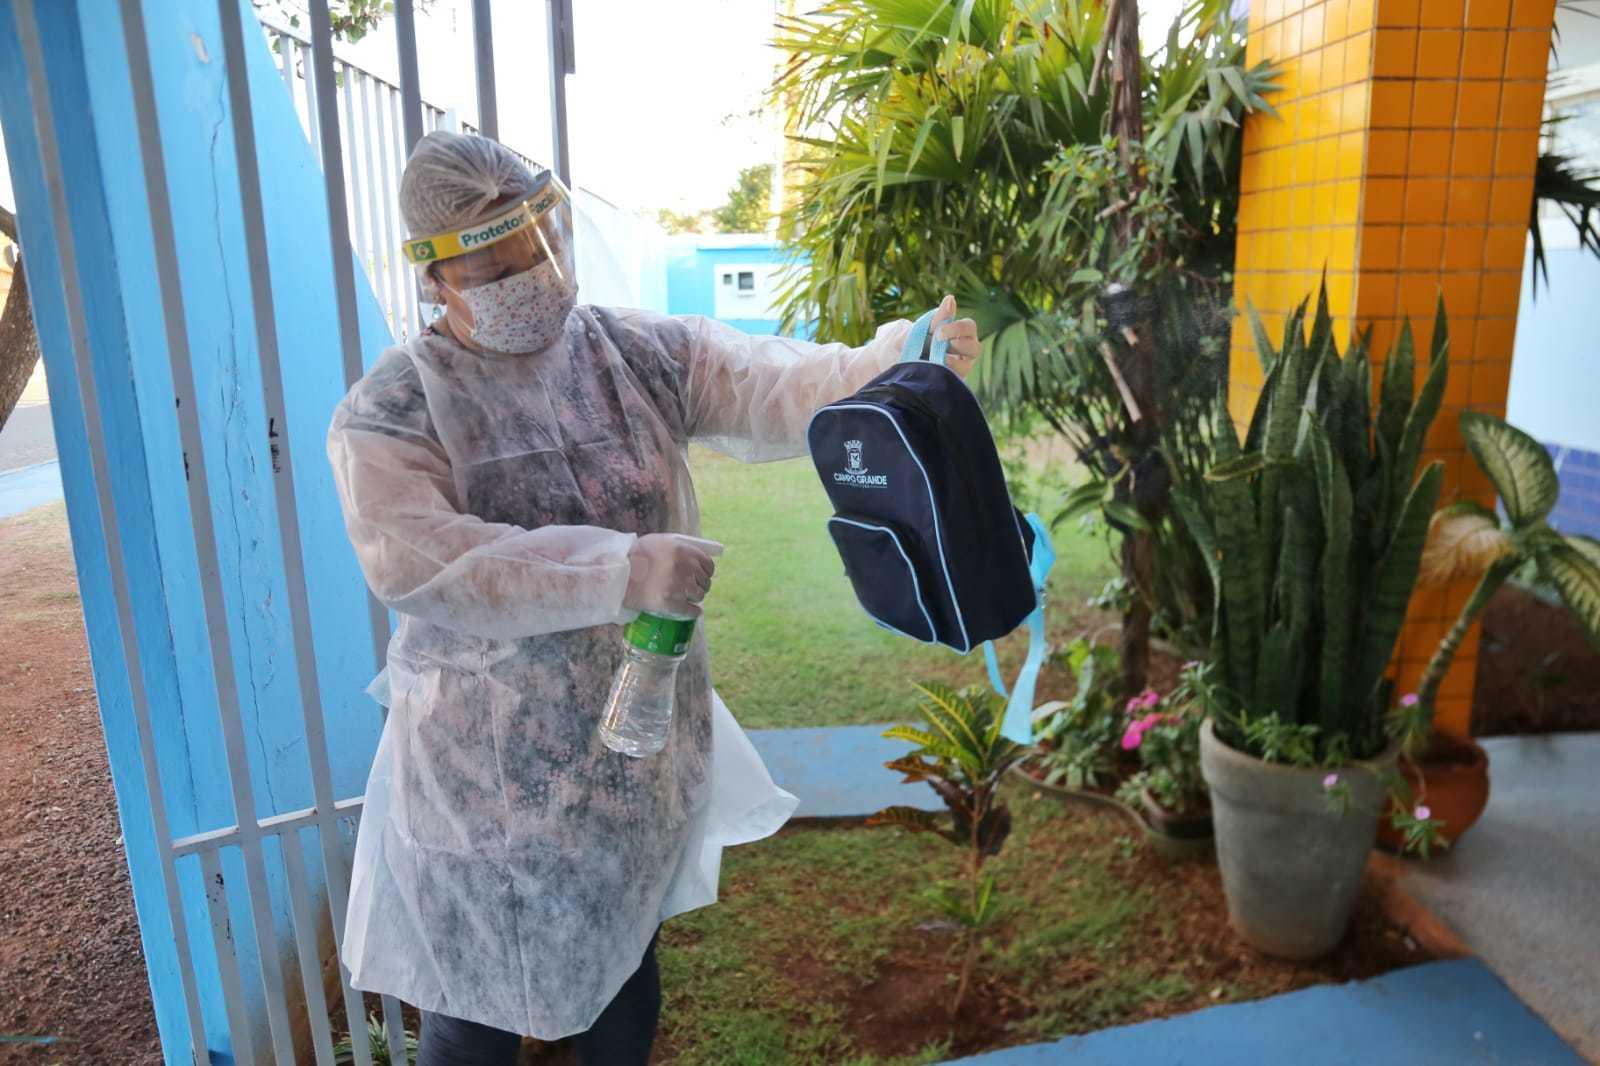 Mochilas são higienizadas com álcool antes dos pequenos entrarem na escola. (Foto: Paulo Francis)